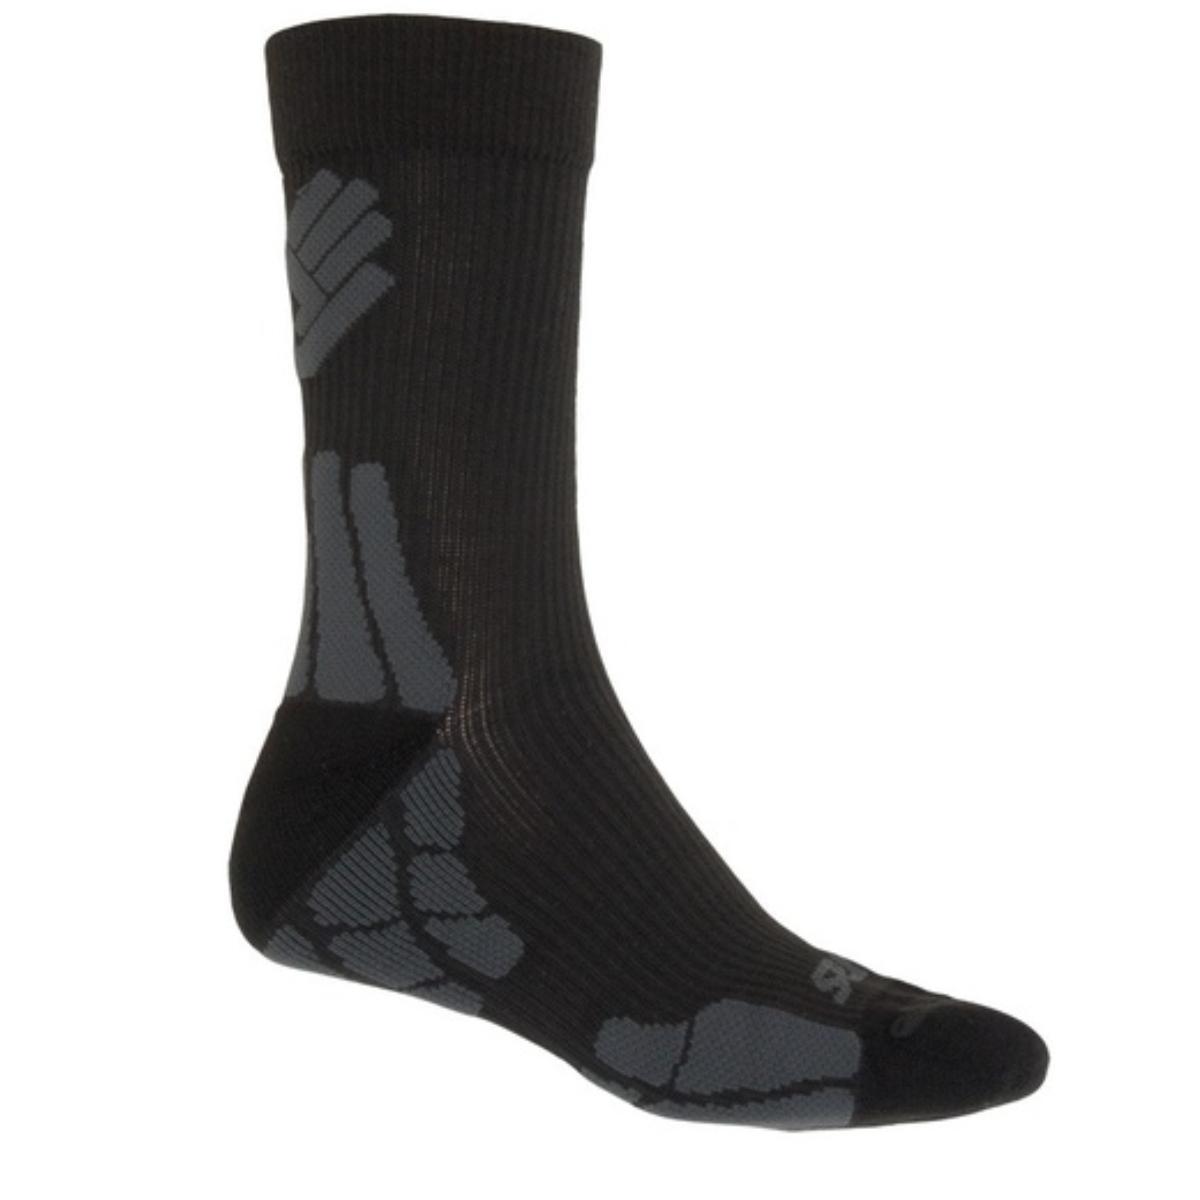 Ponožky SENSOR Merino Wool Hiking 3-5 černo-šedé